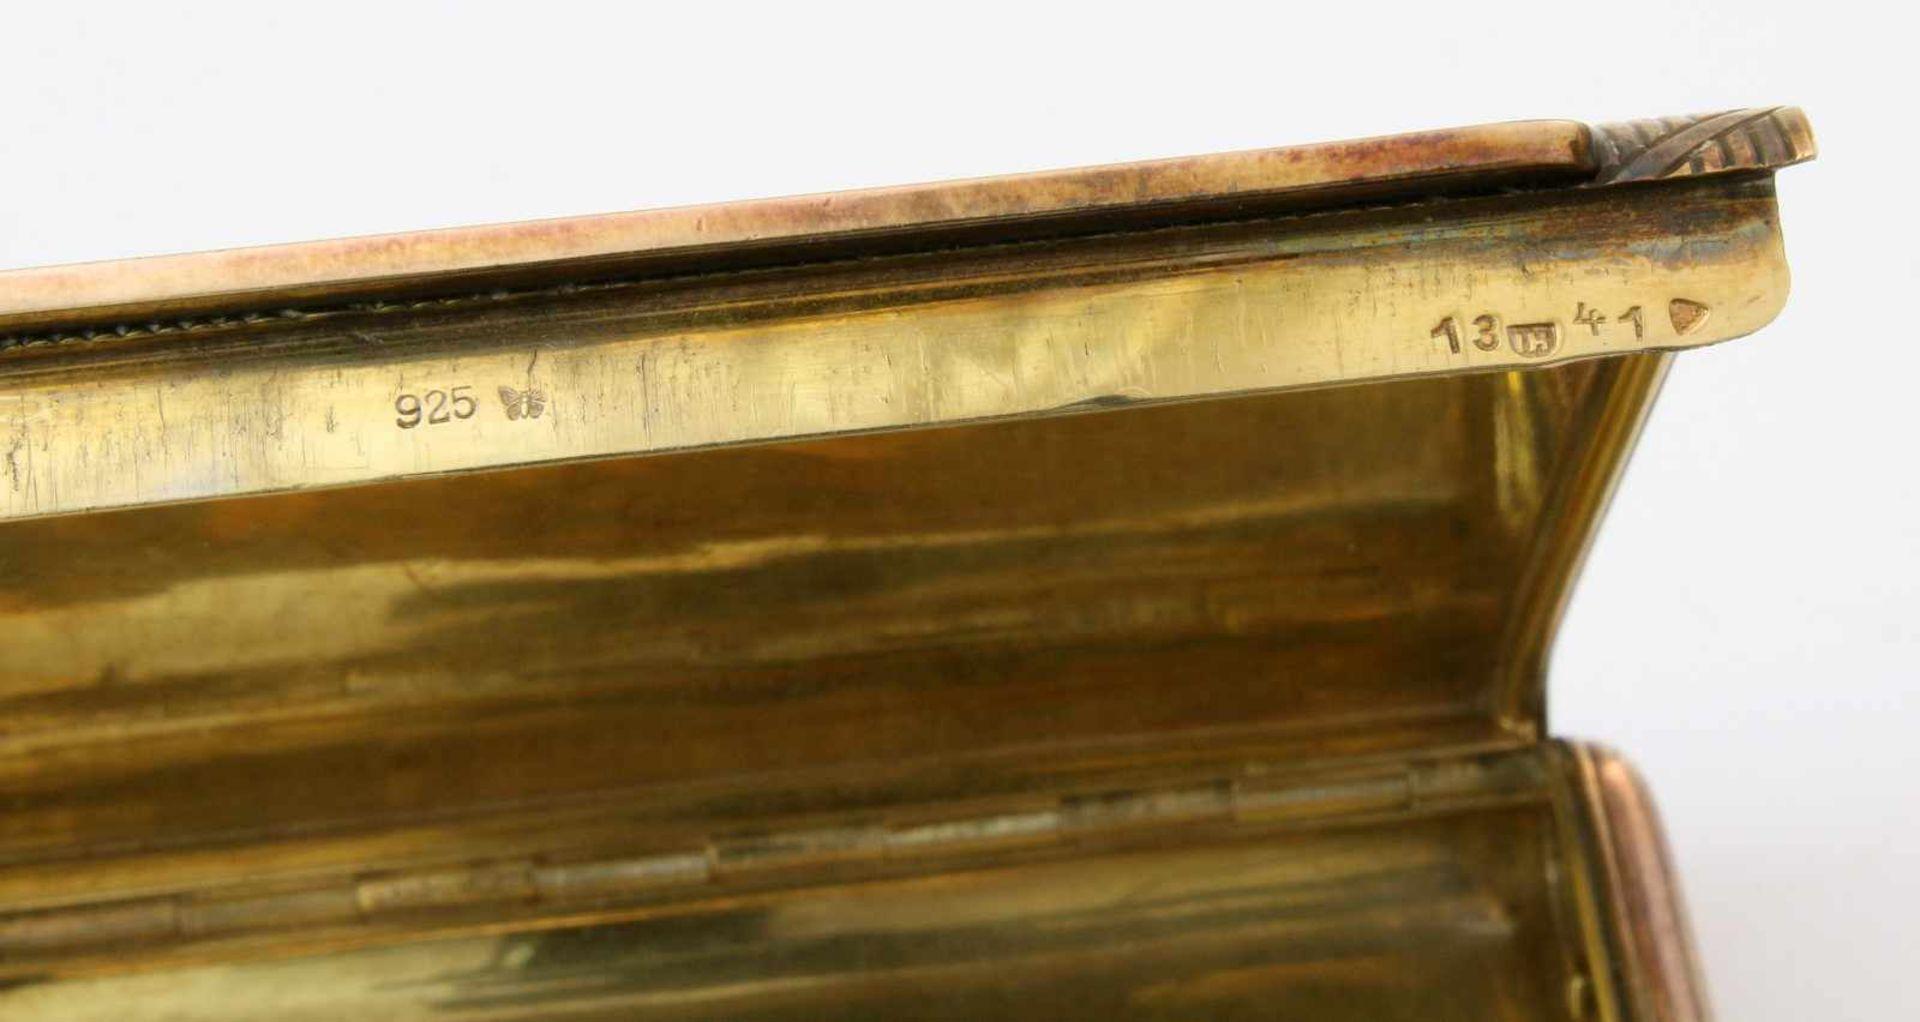 Silbernes und vergoldetes Zigarettenetui925er Silber, Hersteller wohl Gideon Bek, Pforzheim ( - Bild 3 aus 3